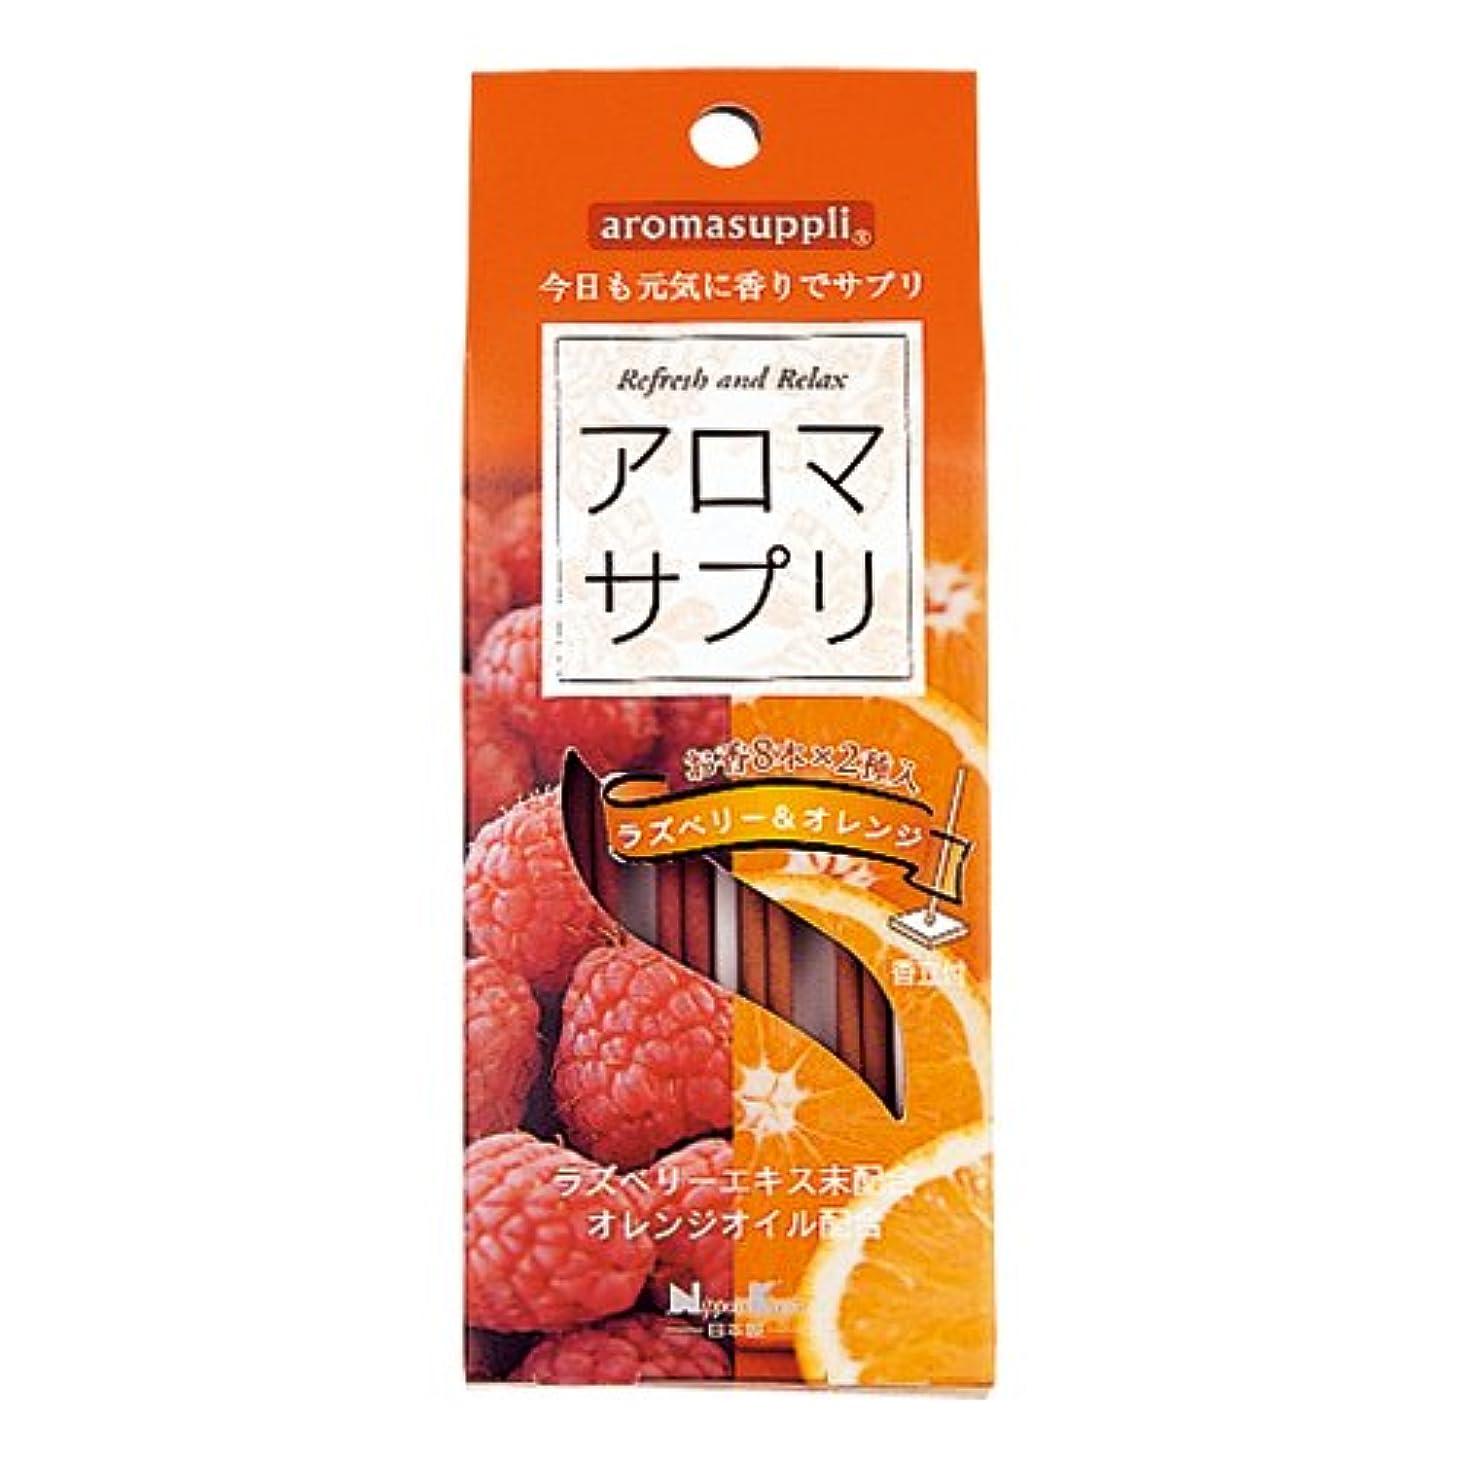 流暢ステーキ死んでいる【X10個セット】 アロマサプリ ラズベリー&オレンジ 8本入×2種